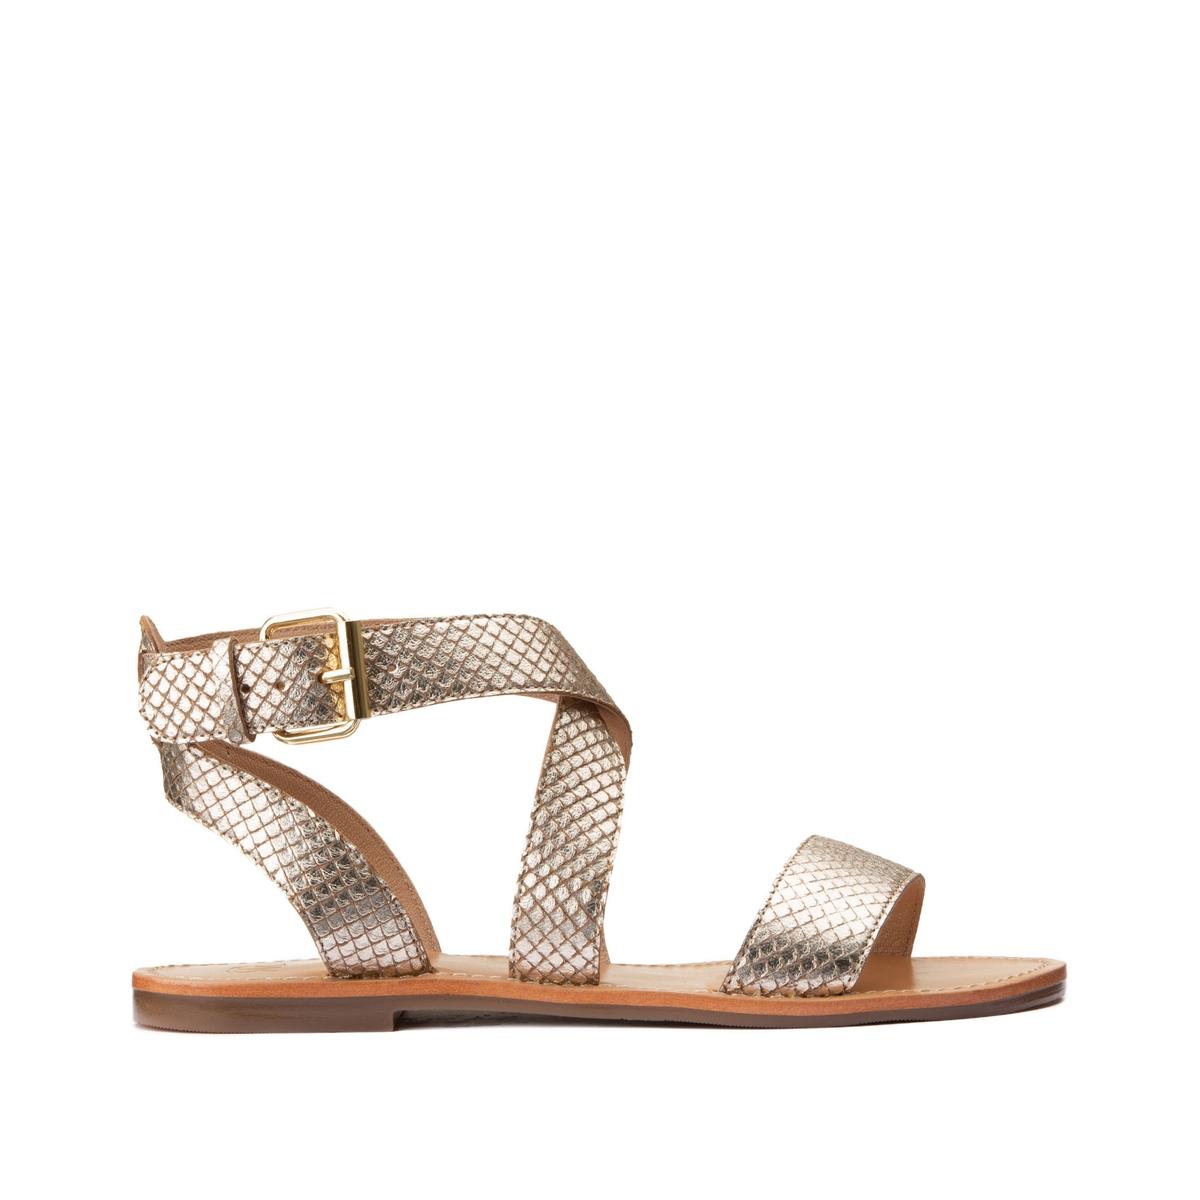 Sandalias de piel con efecto de escamas y tacón plano